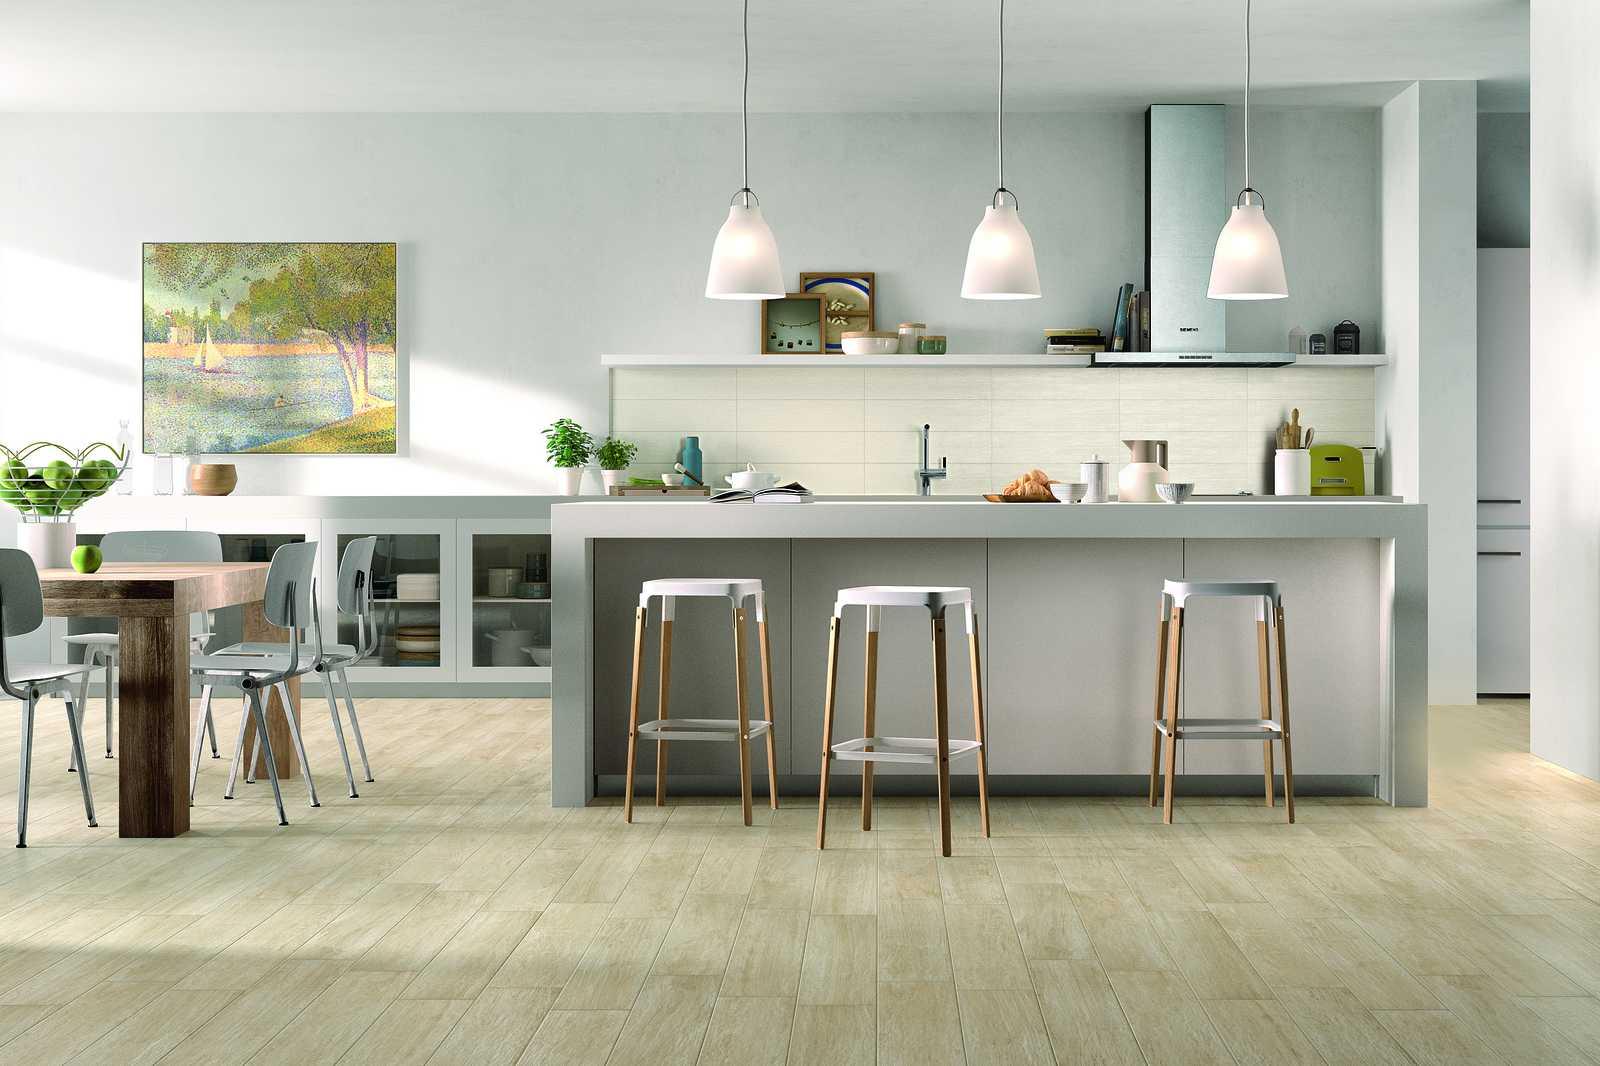 Collezione woodcomfort pavimenti in gres effetto legno ragno - Pavimenti in legno per cucina ...